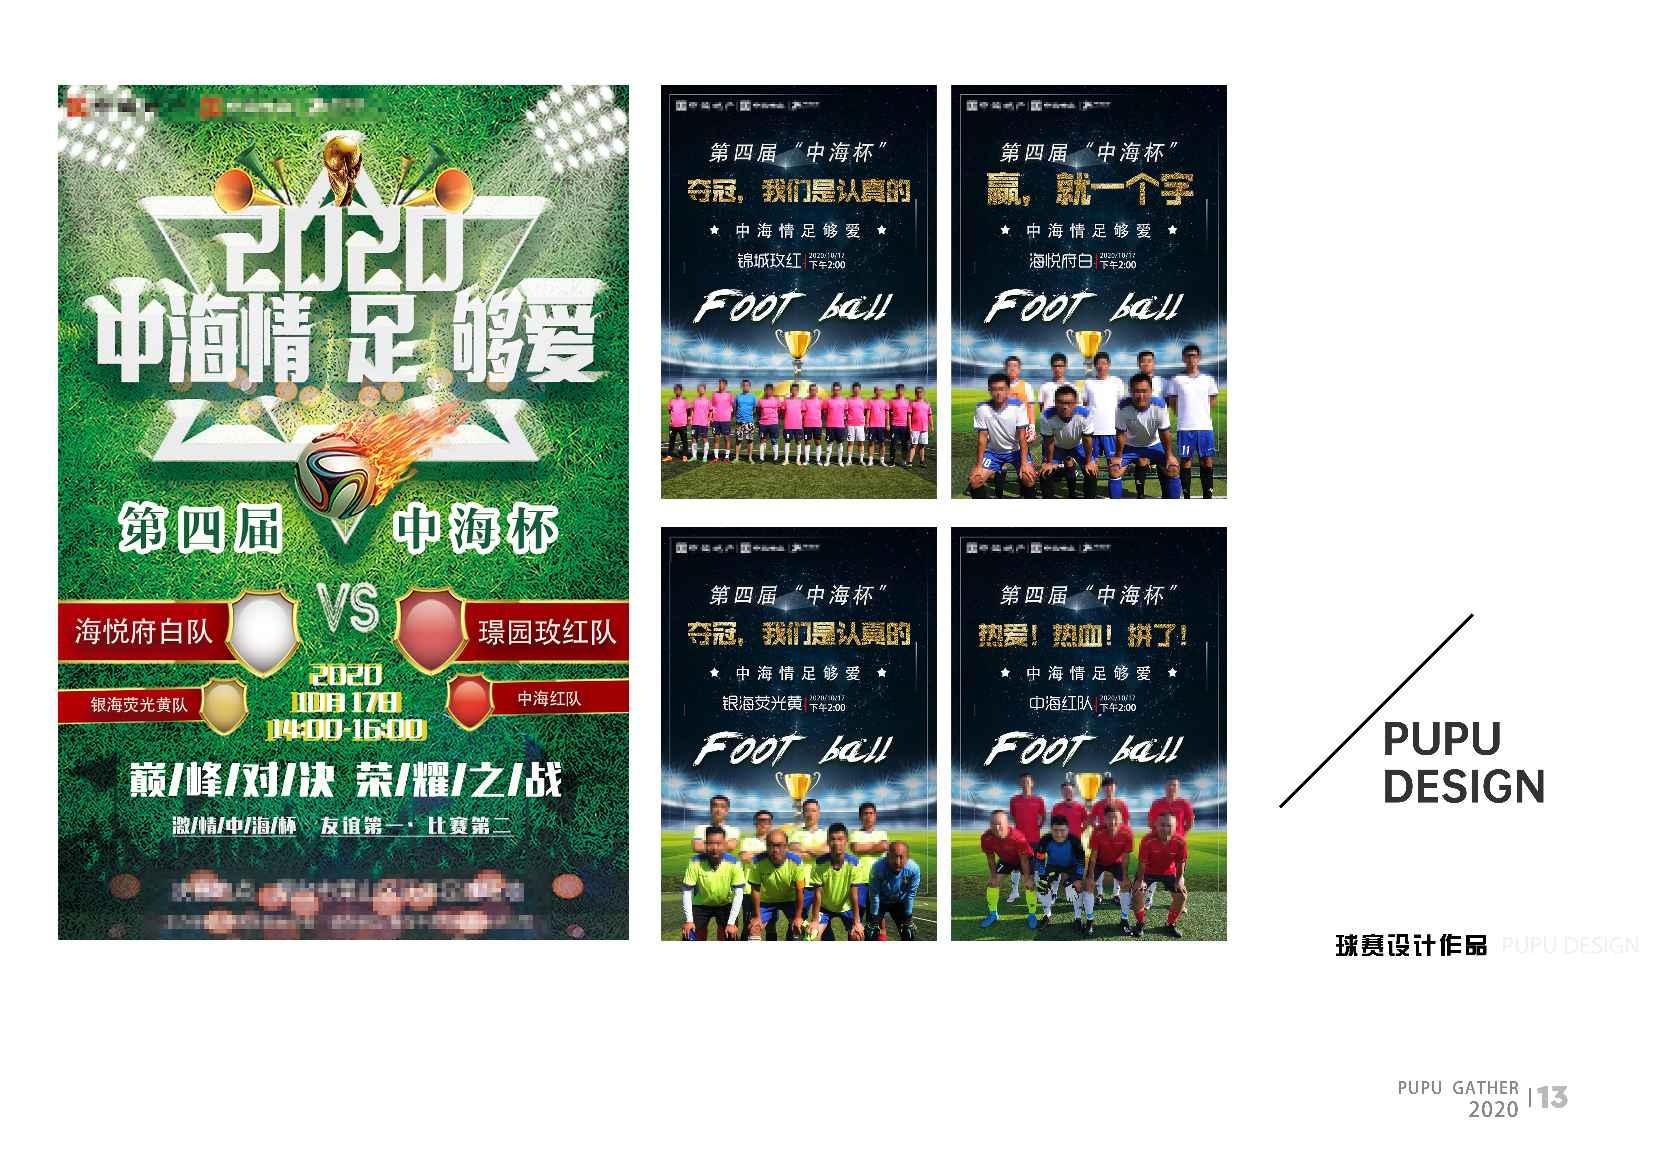 足球海報宣傳案例